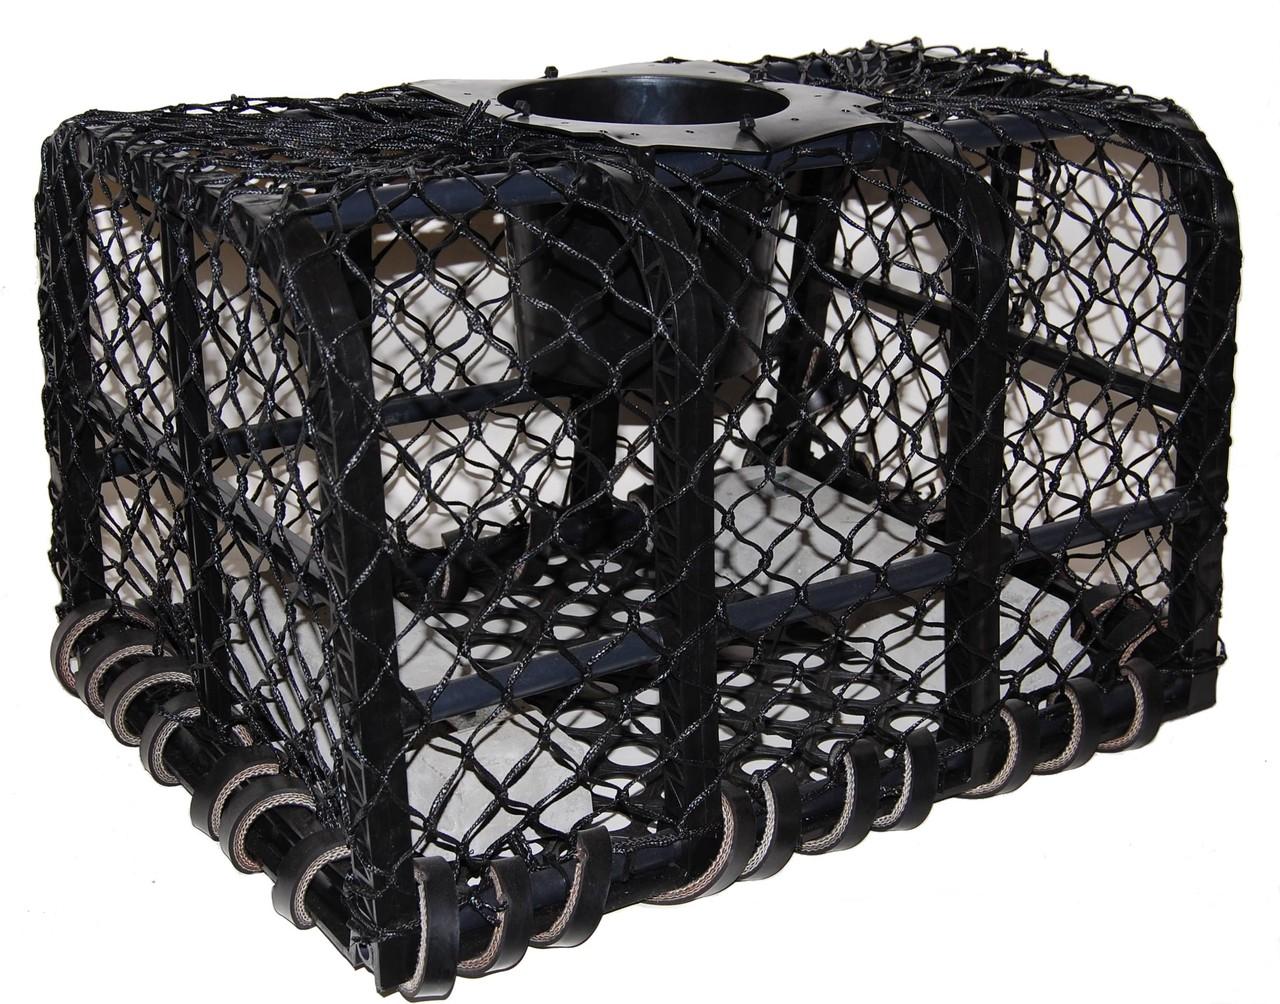 Fabriquer Un Casier À Homard casiers à homards, araignées,casiers nord, homards nord, casier